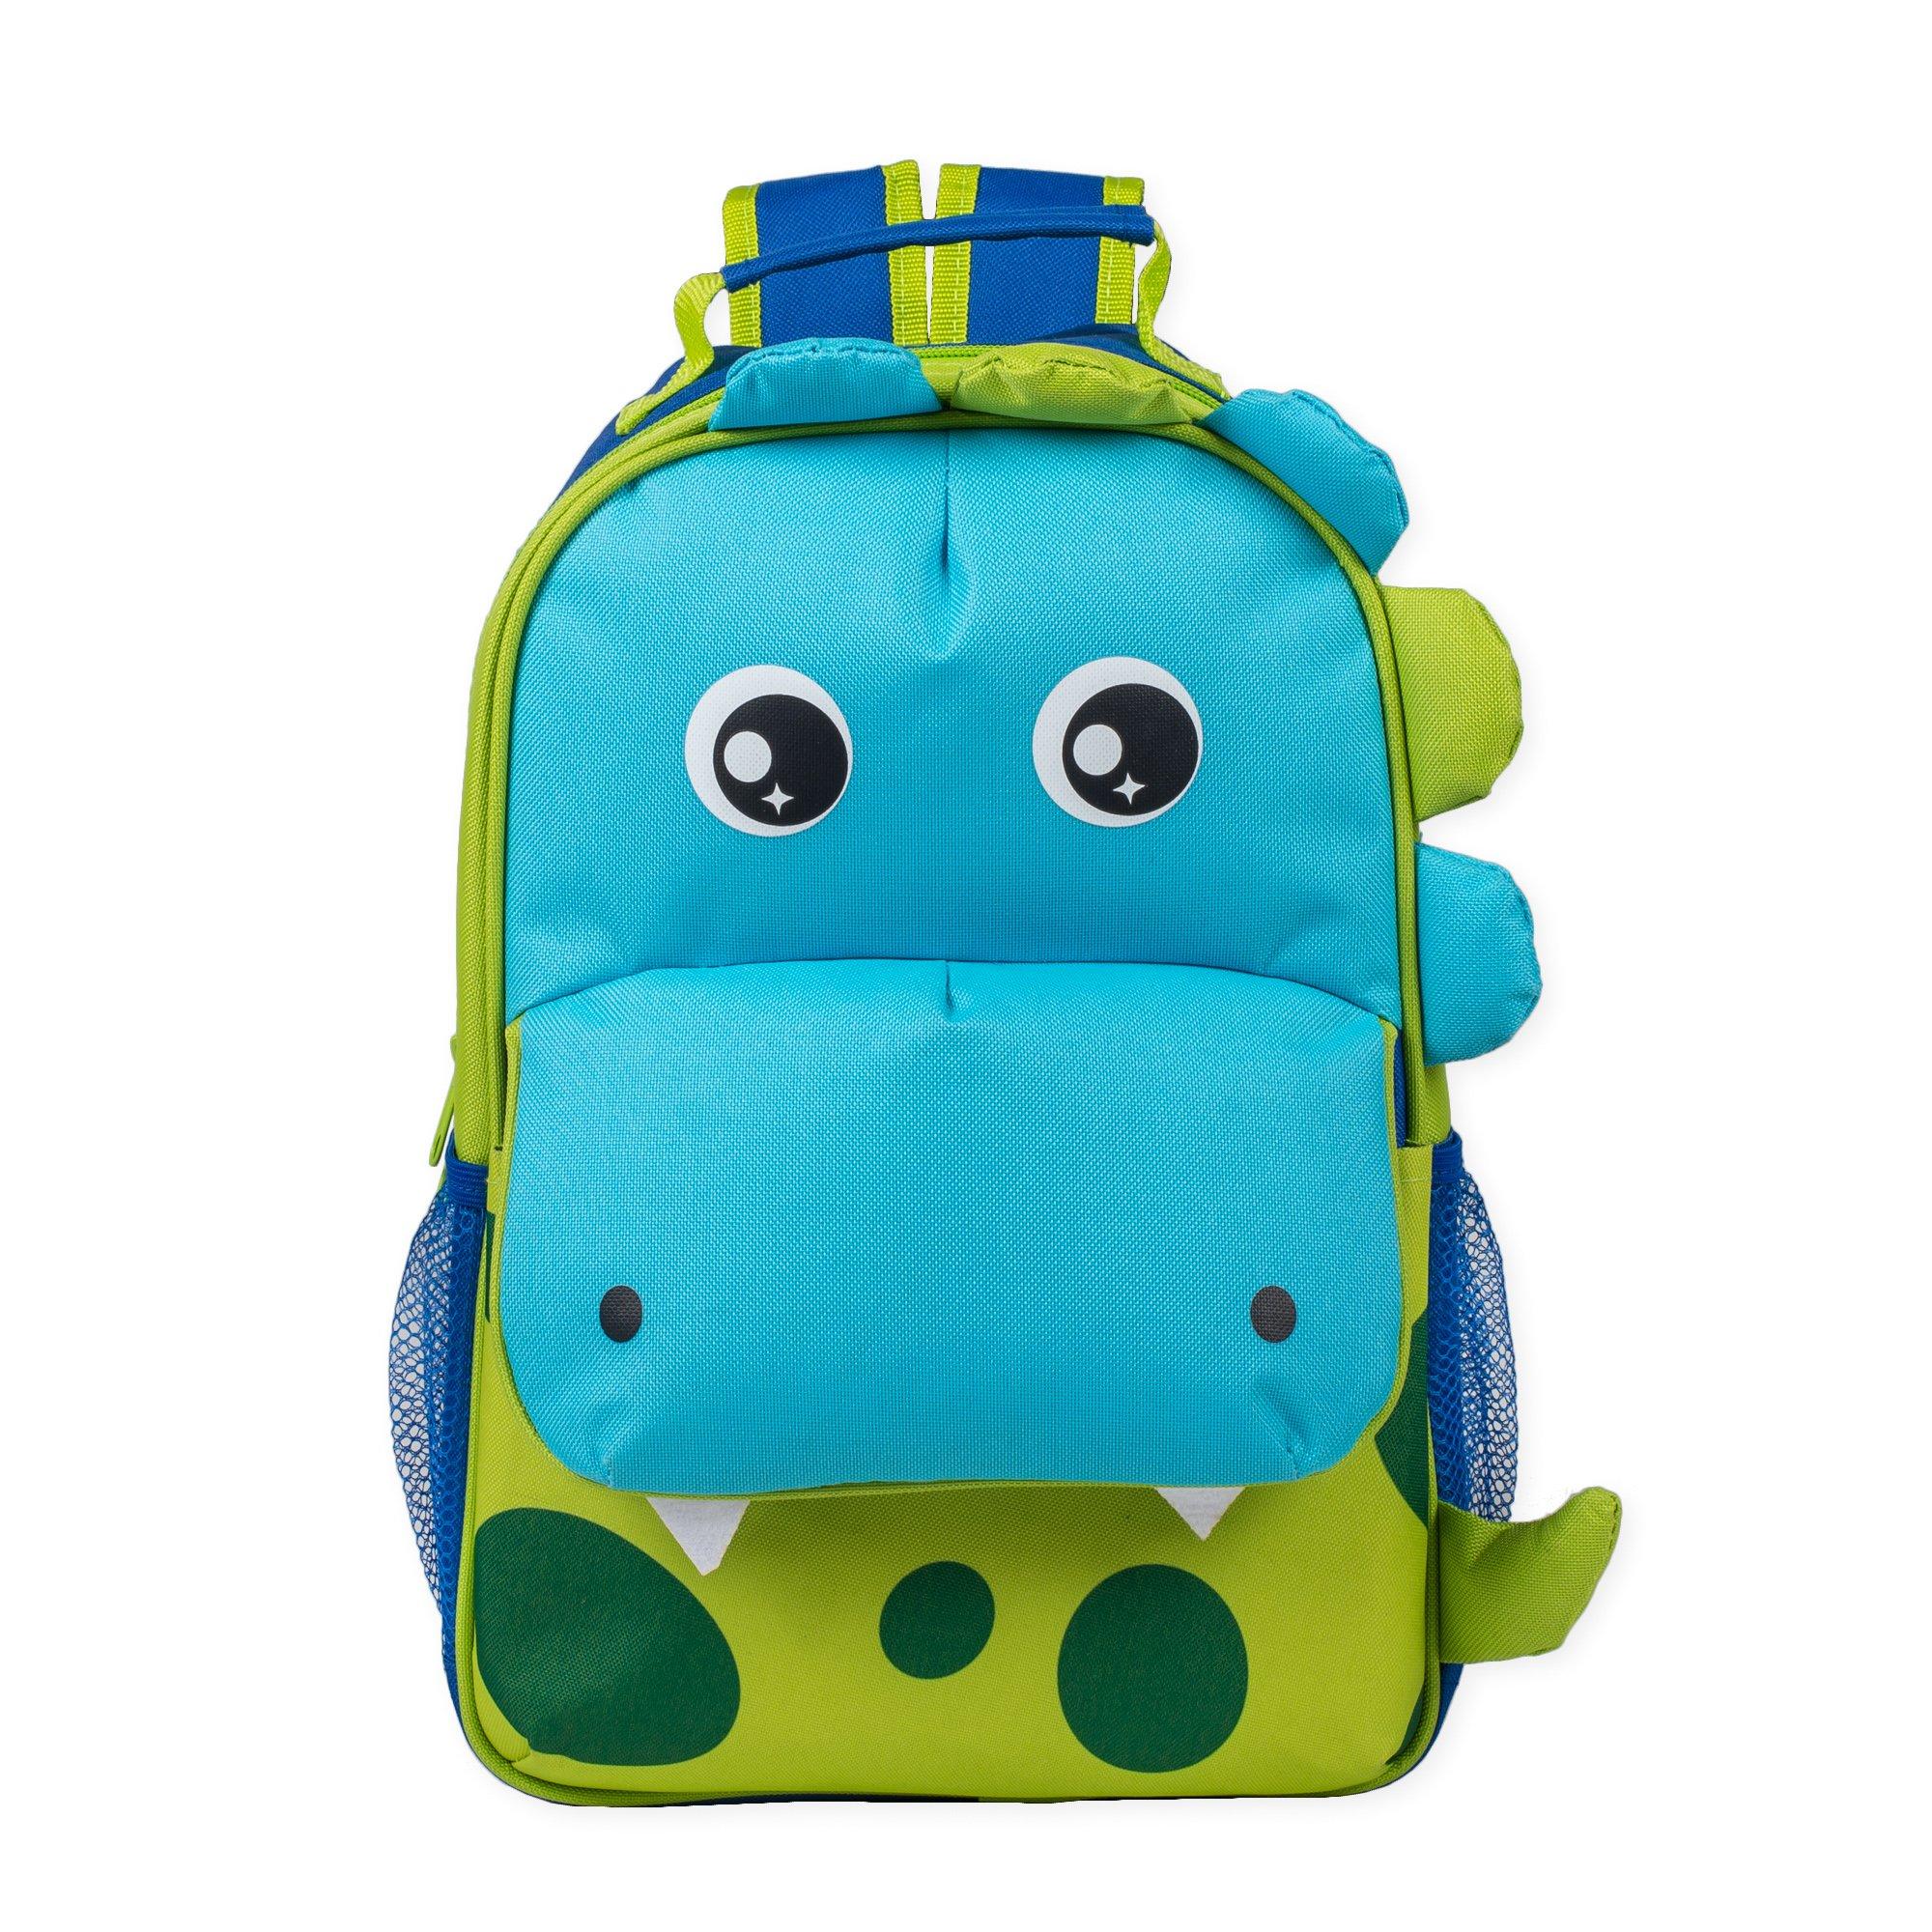 Dinosaur Dimensional Resistant Preschool Backpack